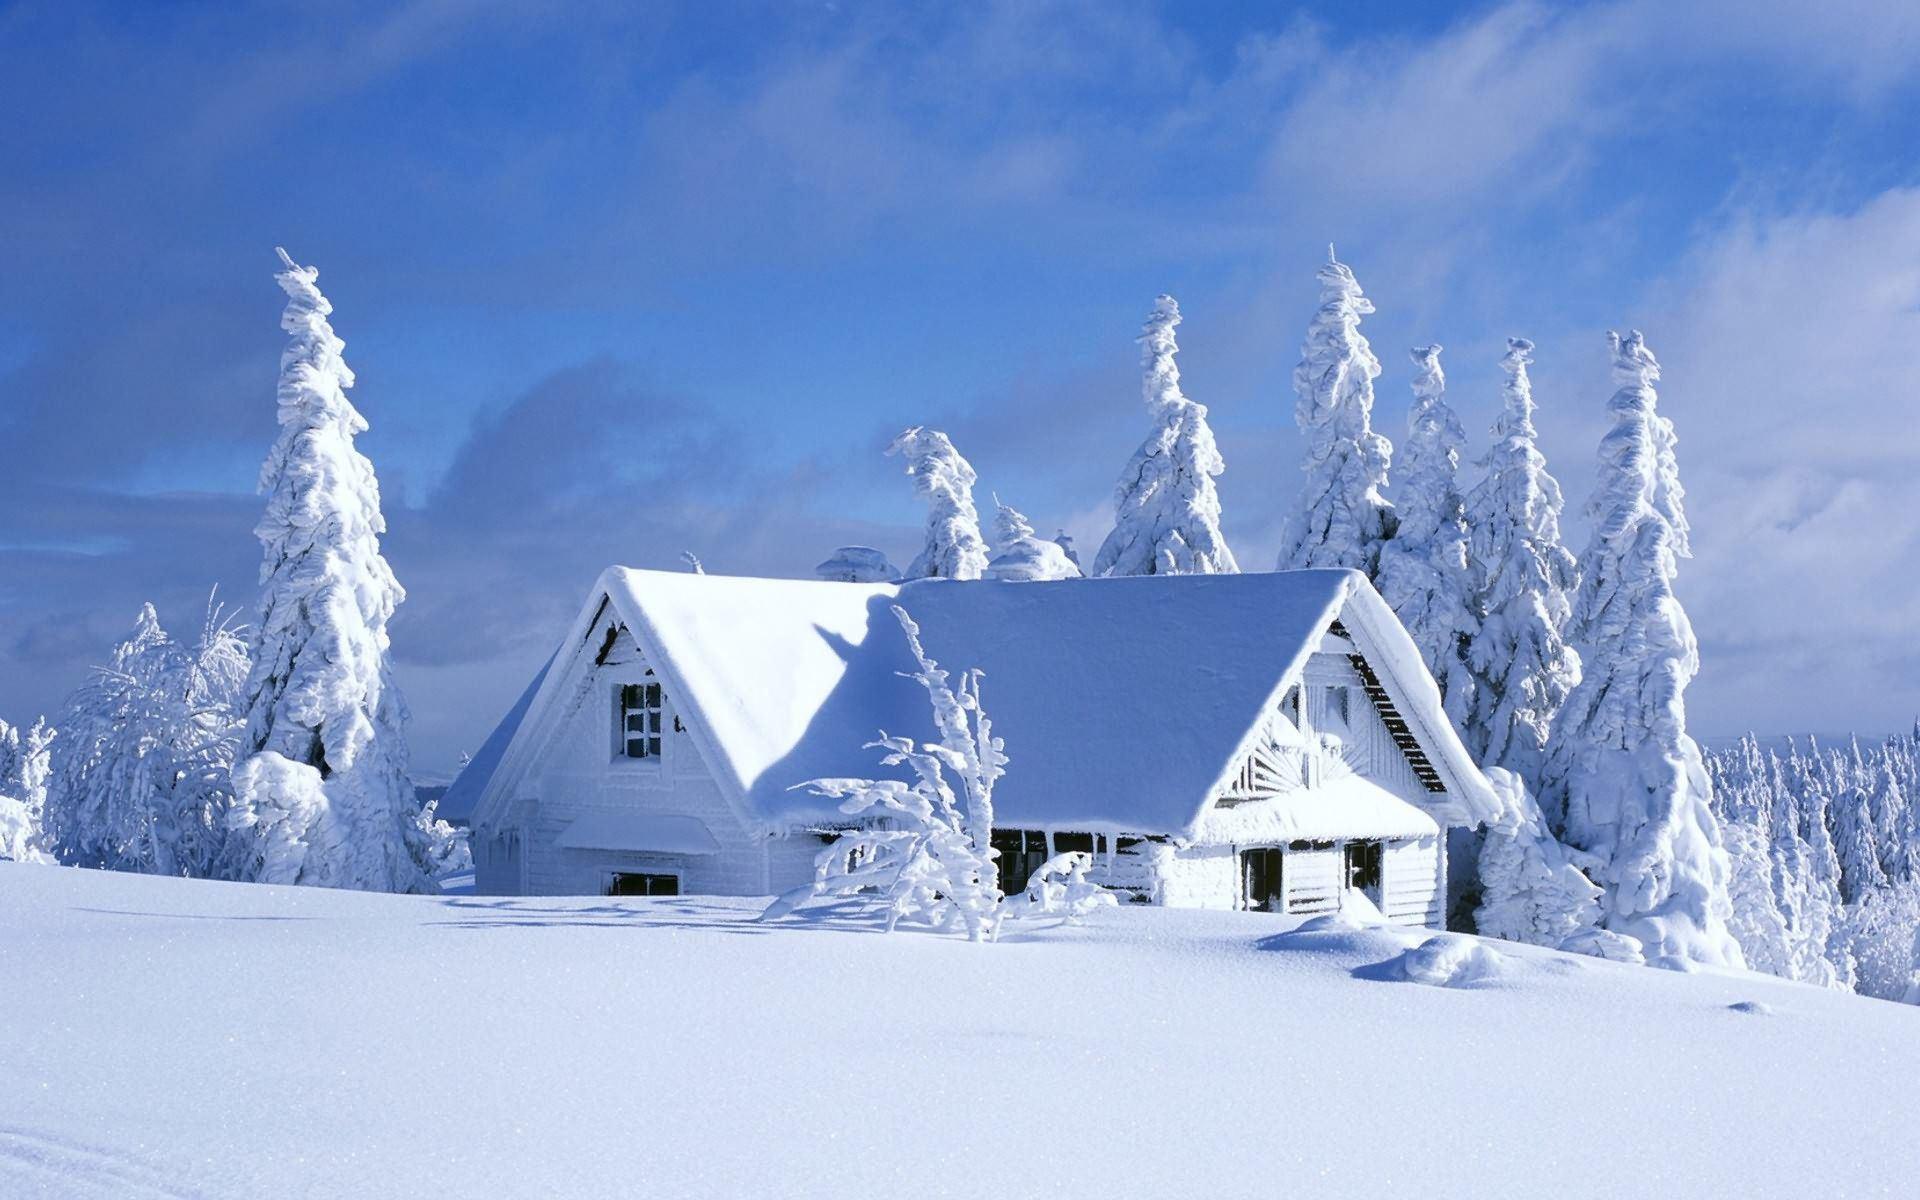 обои зима на рабочий стол пейзаж № 640778 загрузить